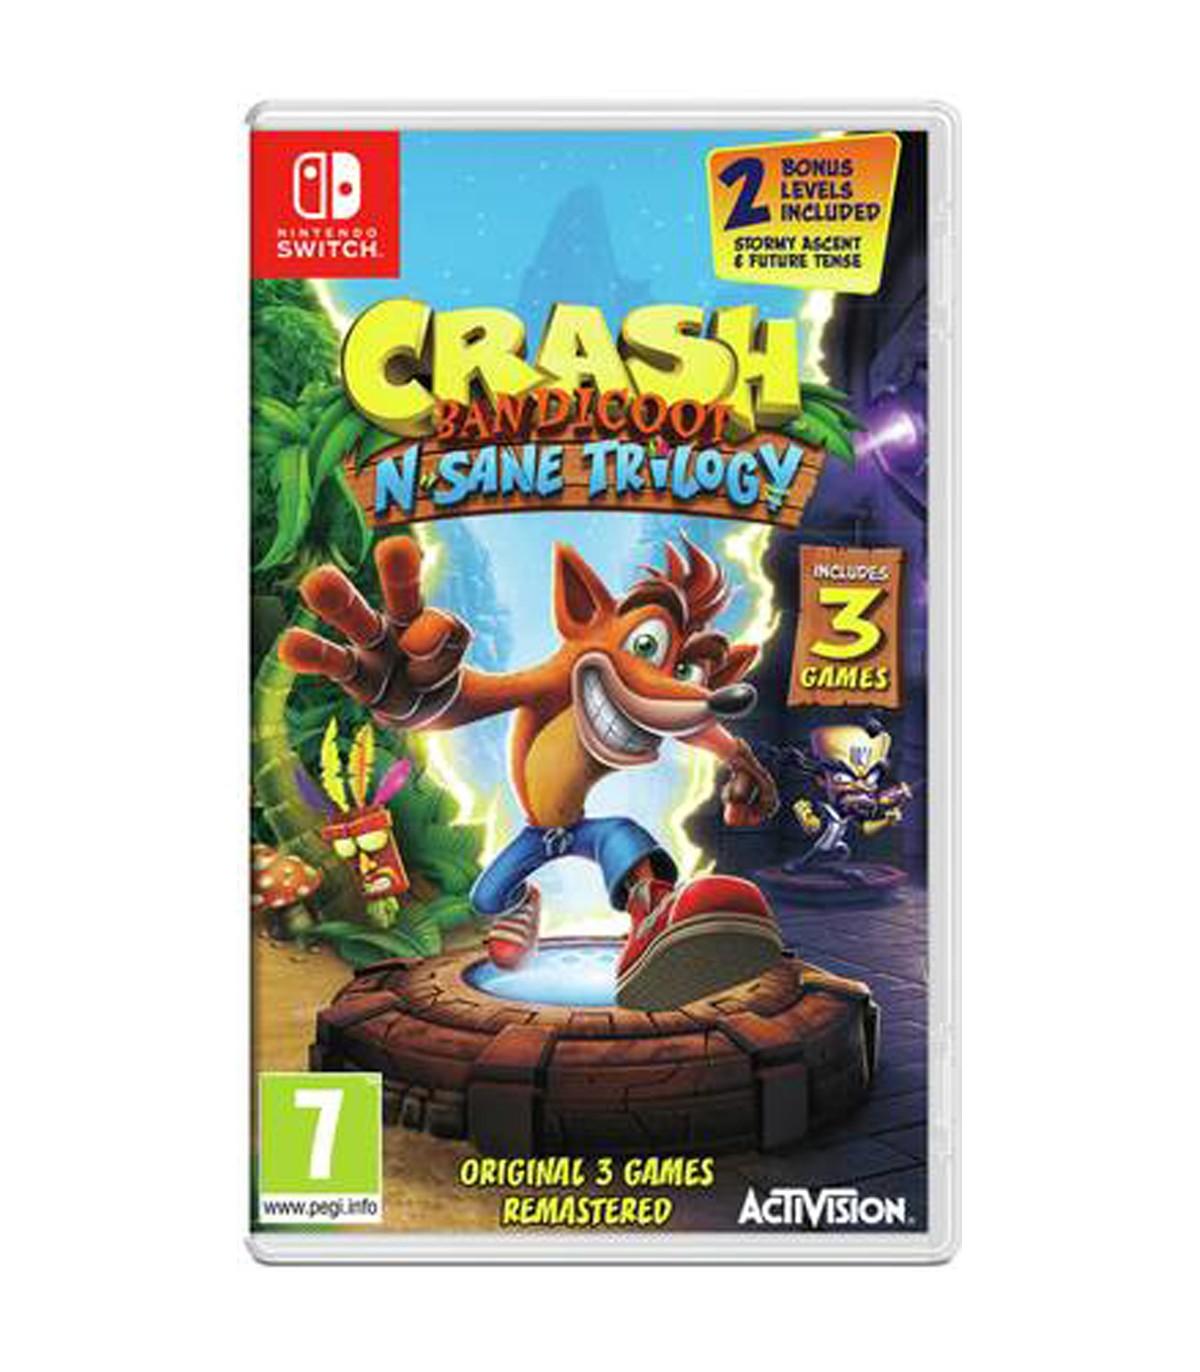 بازی Crash Bandicoot N. Sane Trilogy کارکرده - نینتندو سوئیچ